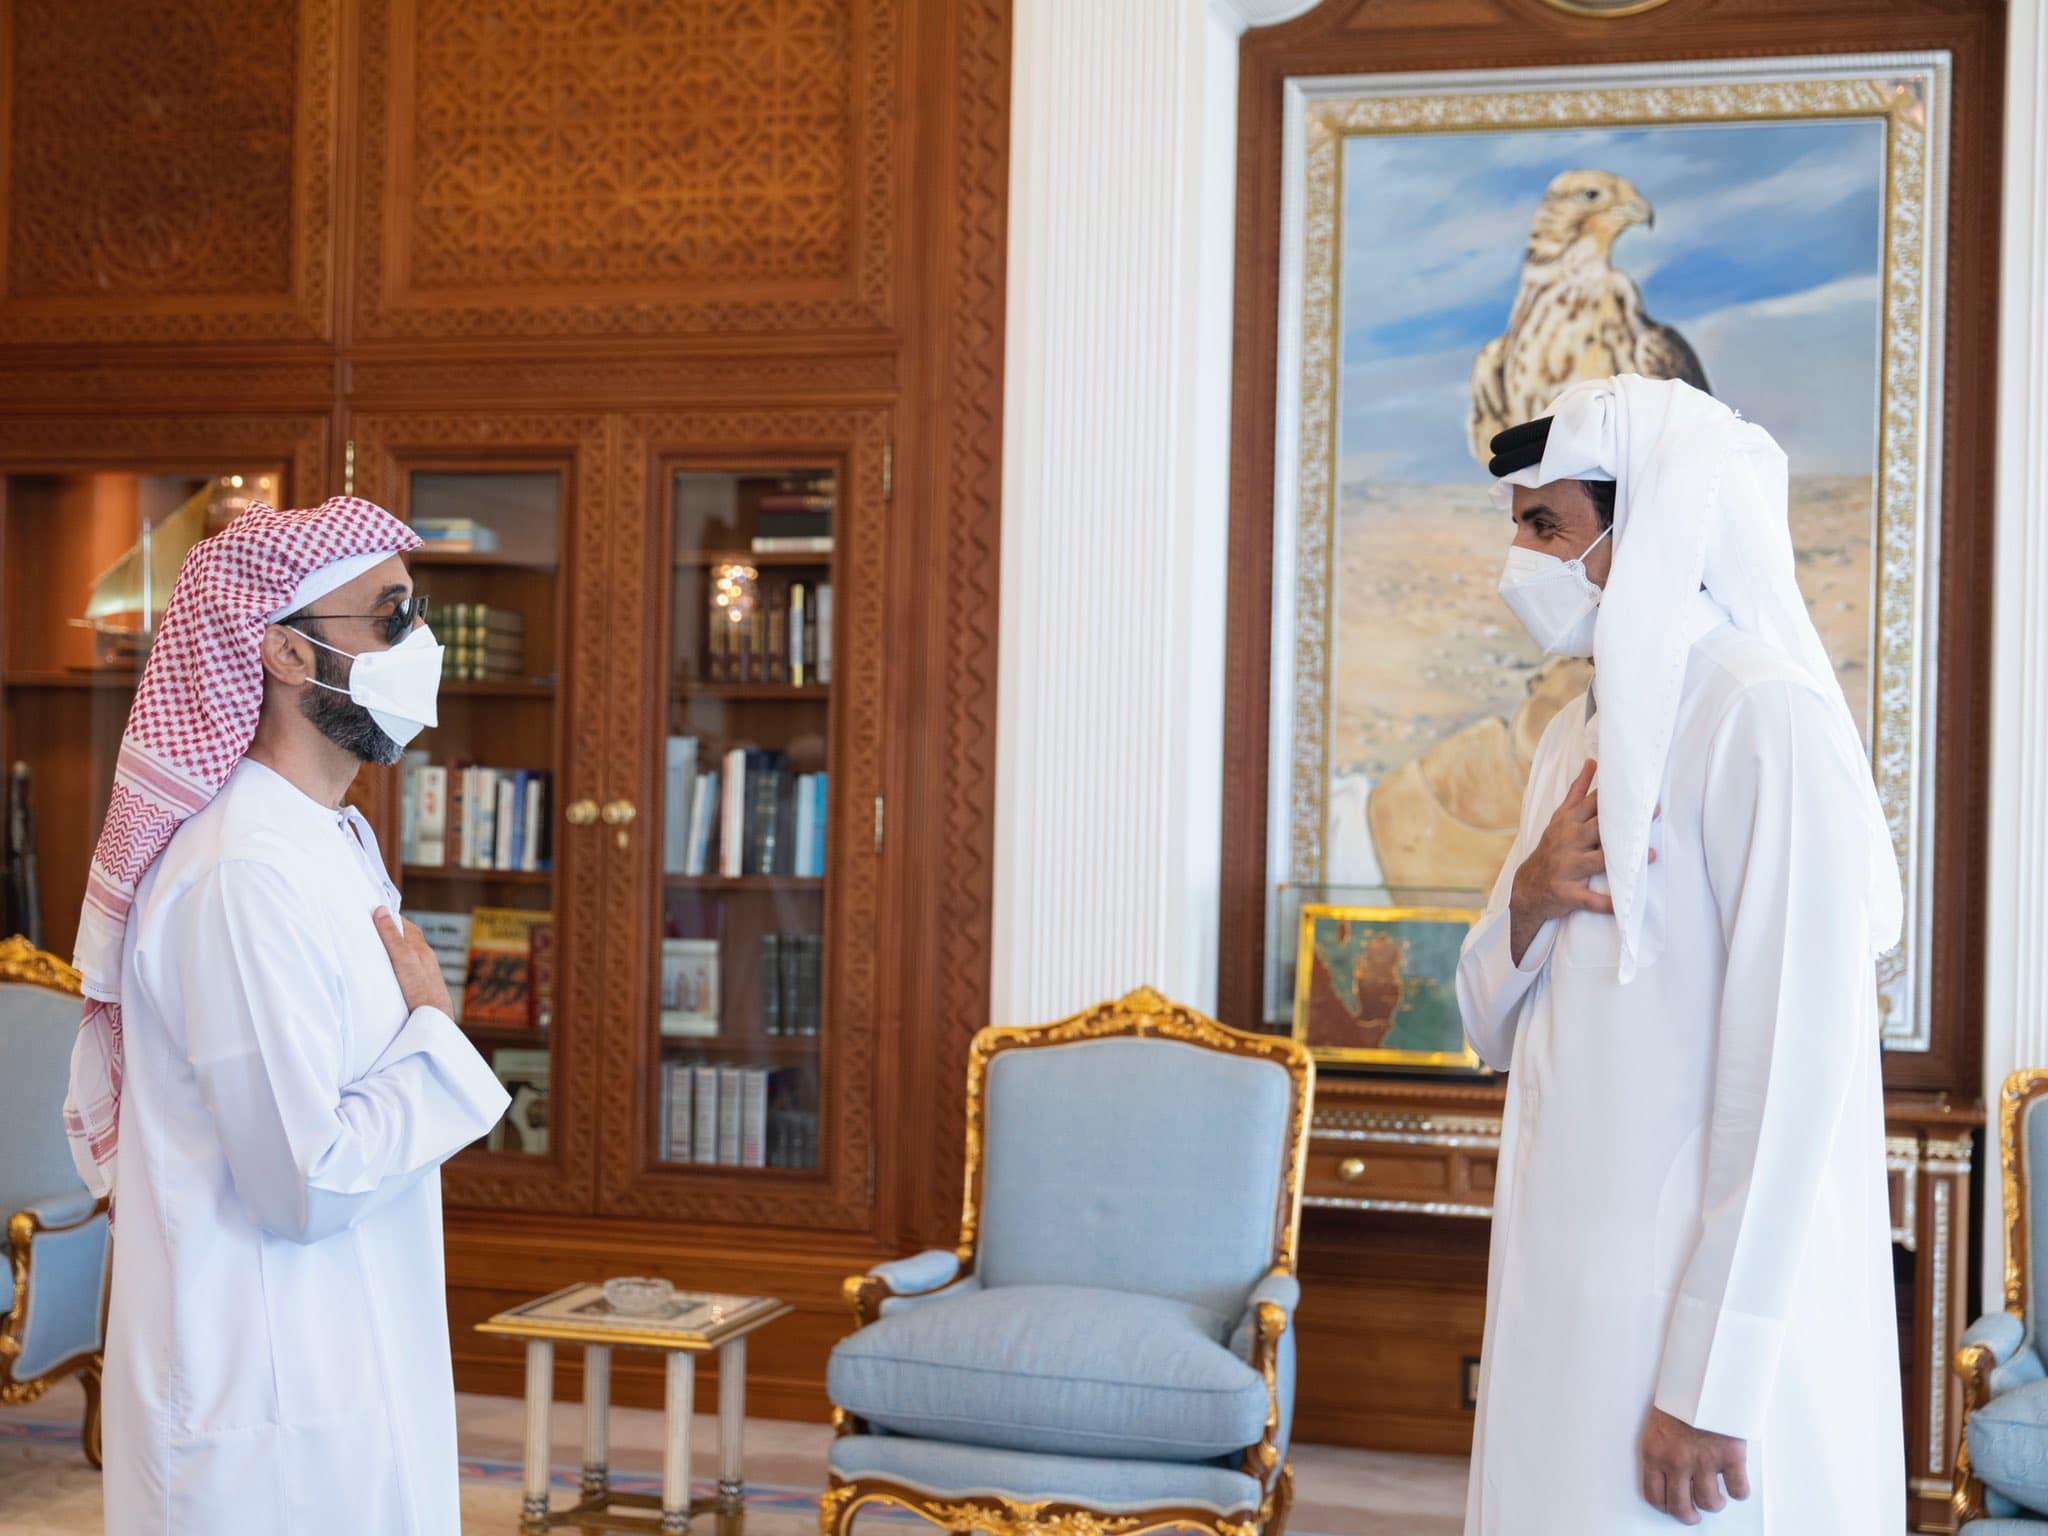 الكاتب أندرياس كريغ يعتبر زيارة طحنون بن زايد لأمير قطر تنازلا مؤقتاً لتأمين مصالح الإمارات